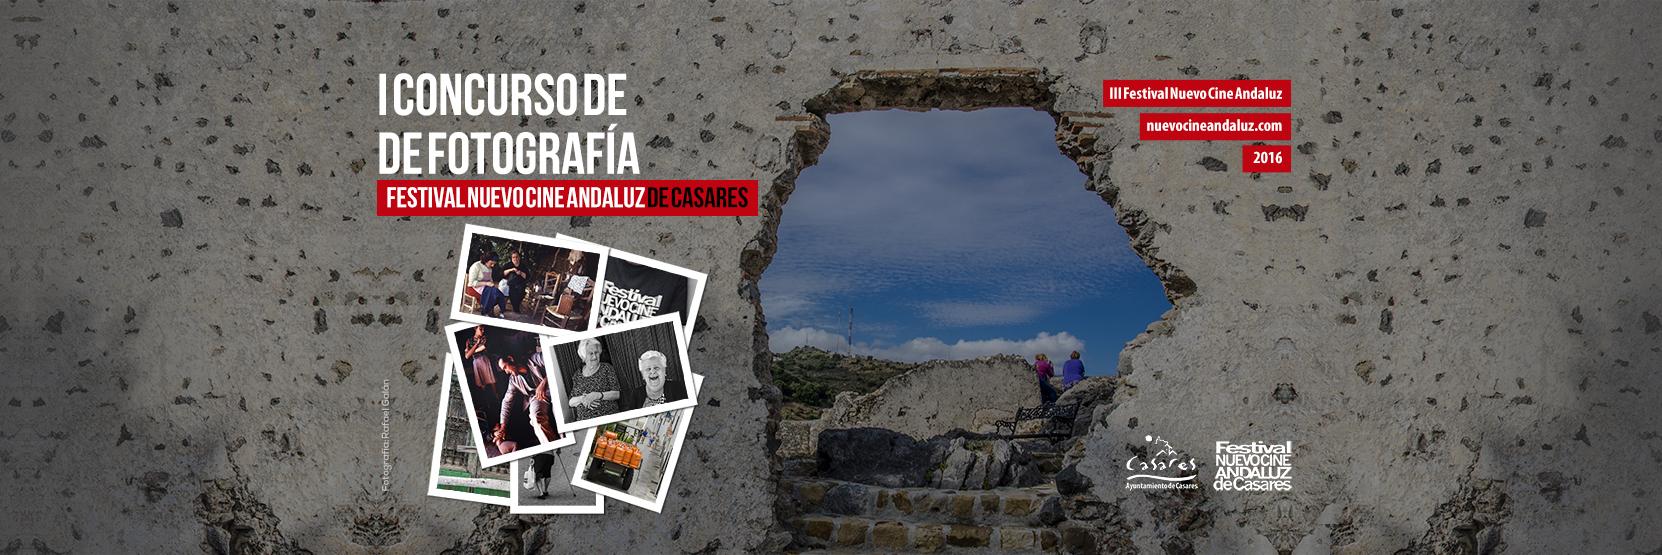 Concurso de Fotografía Festival Nuevo Cine Andaluz